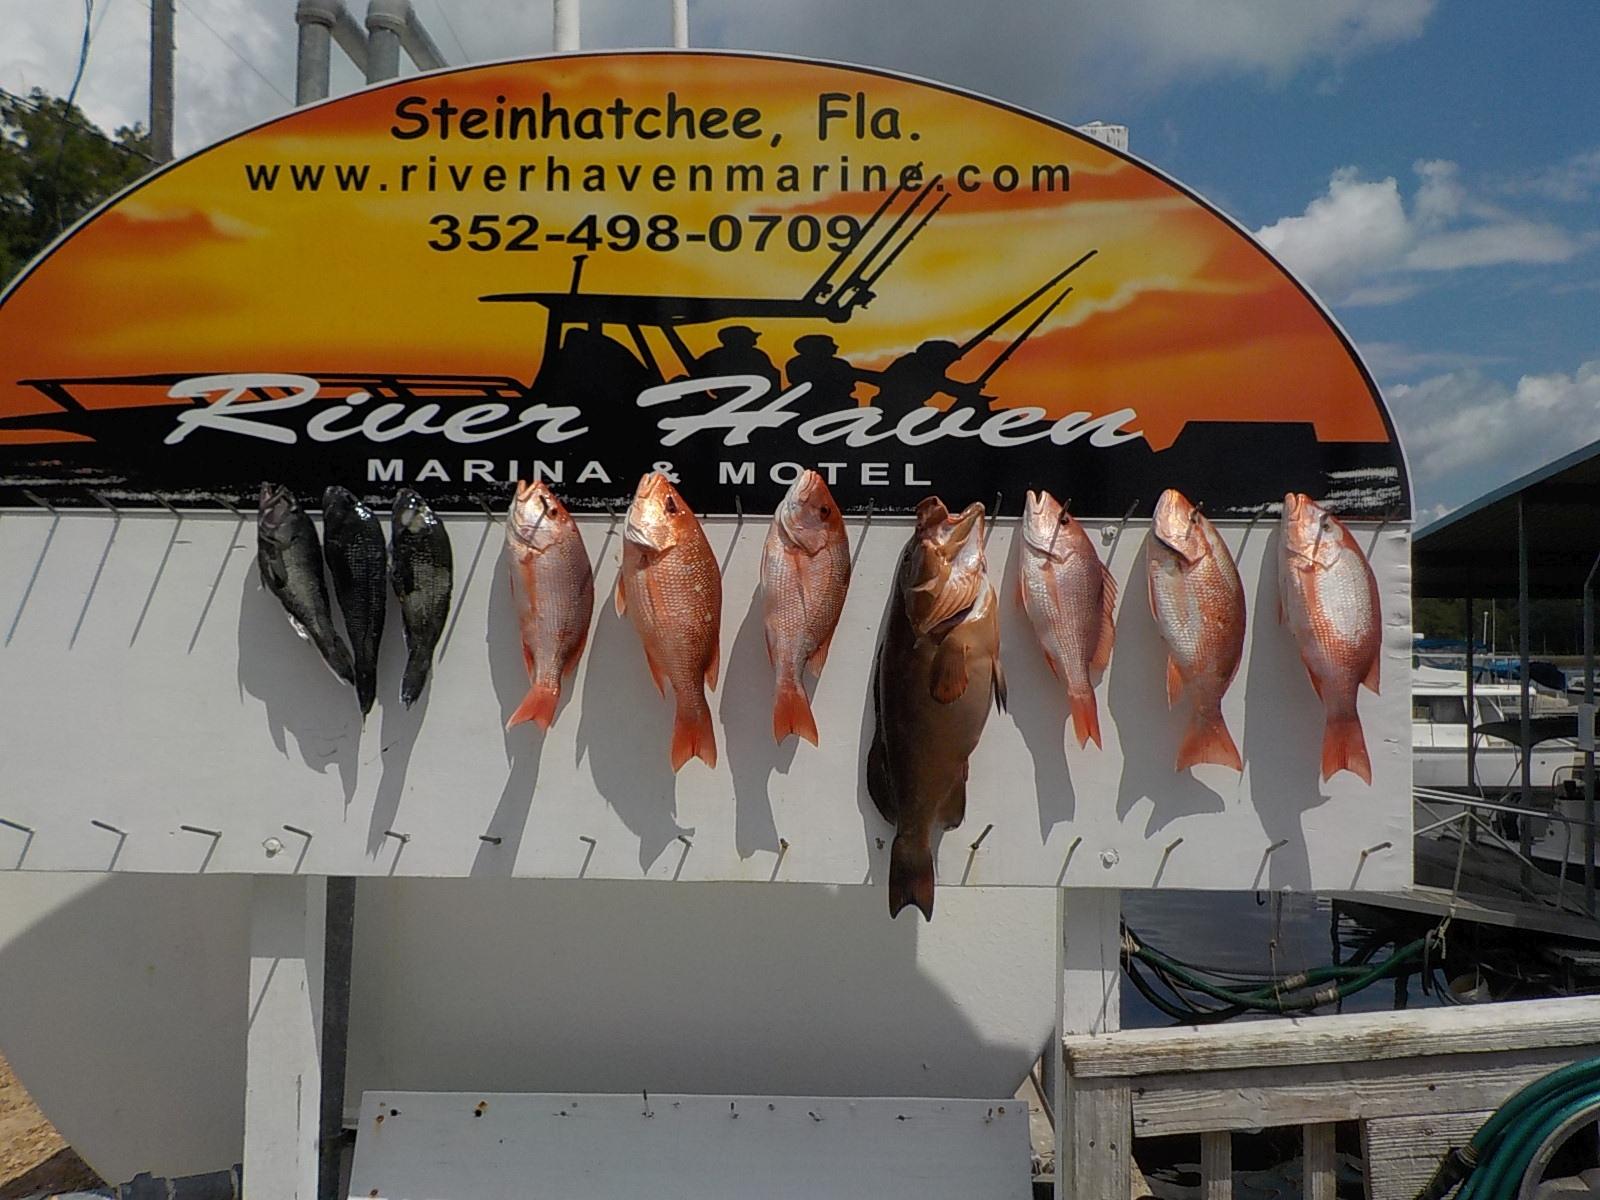 River Haven Marina & Motel, Steinhatchee FL